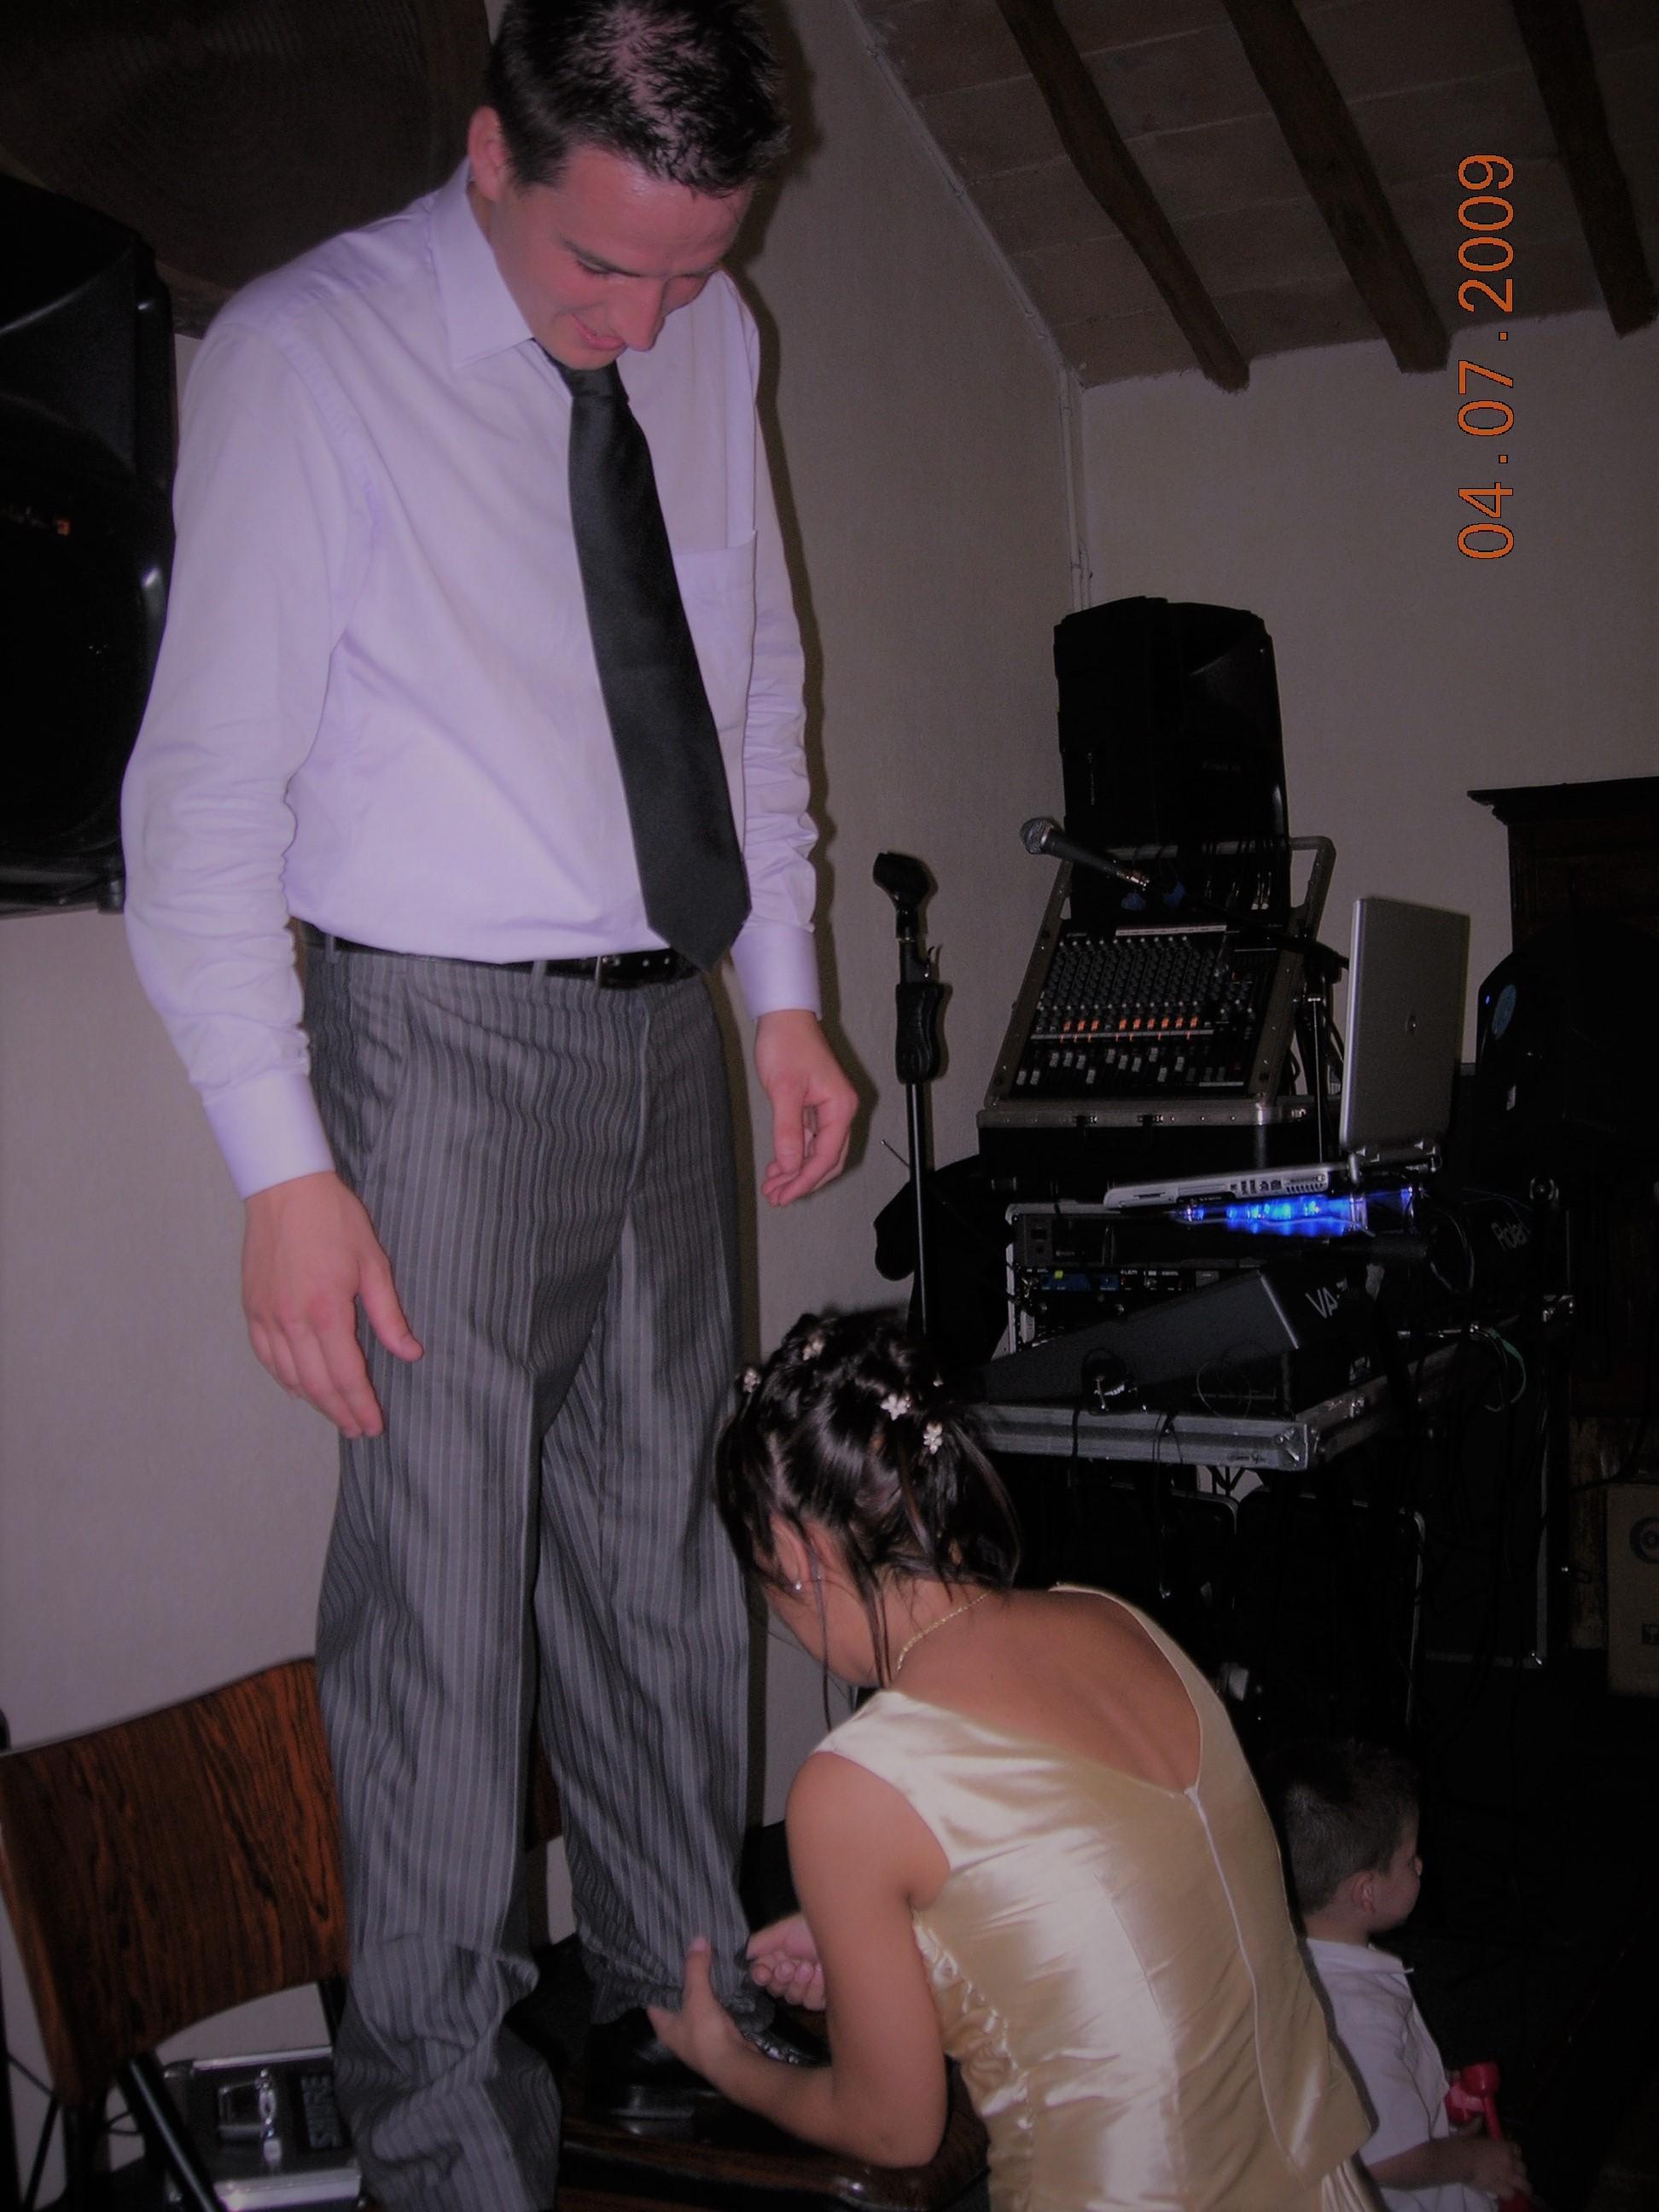 Oscar e Emanuela 04.07.2009 - 087.JPG